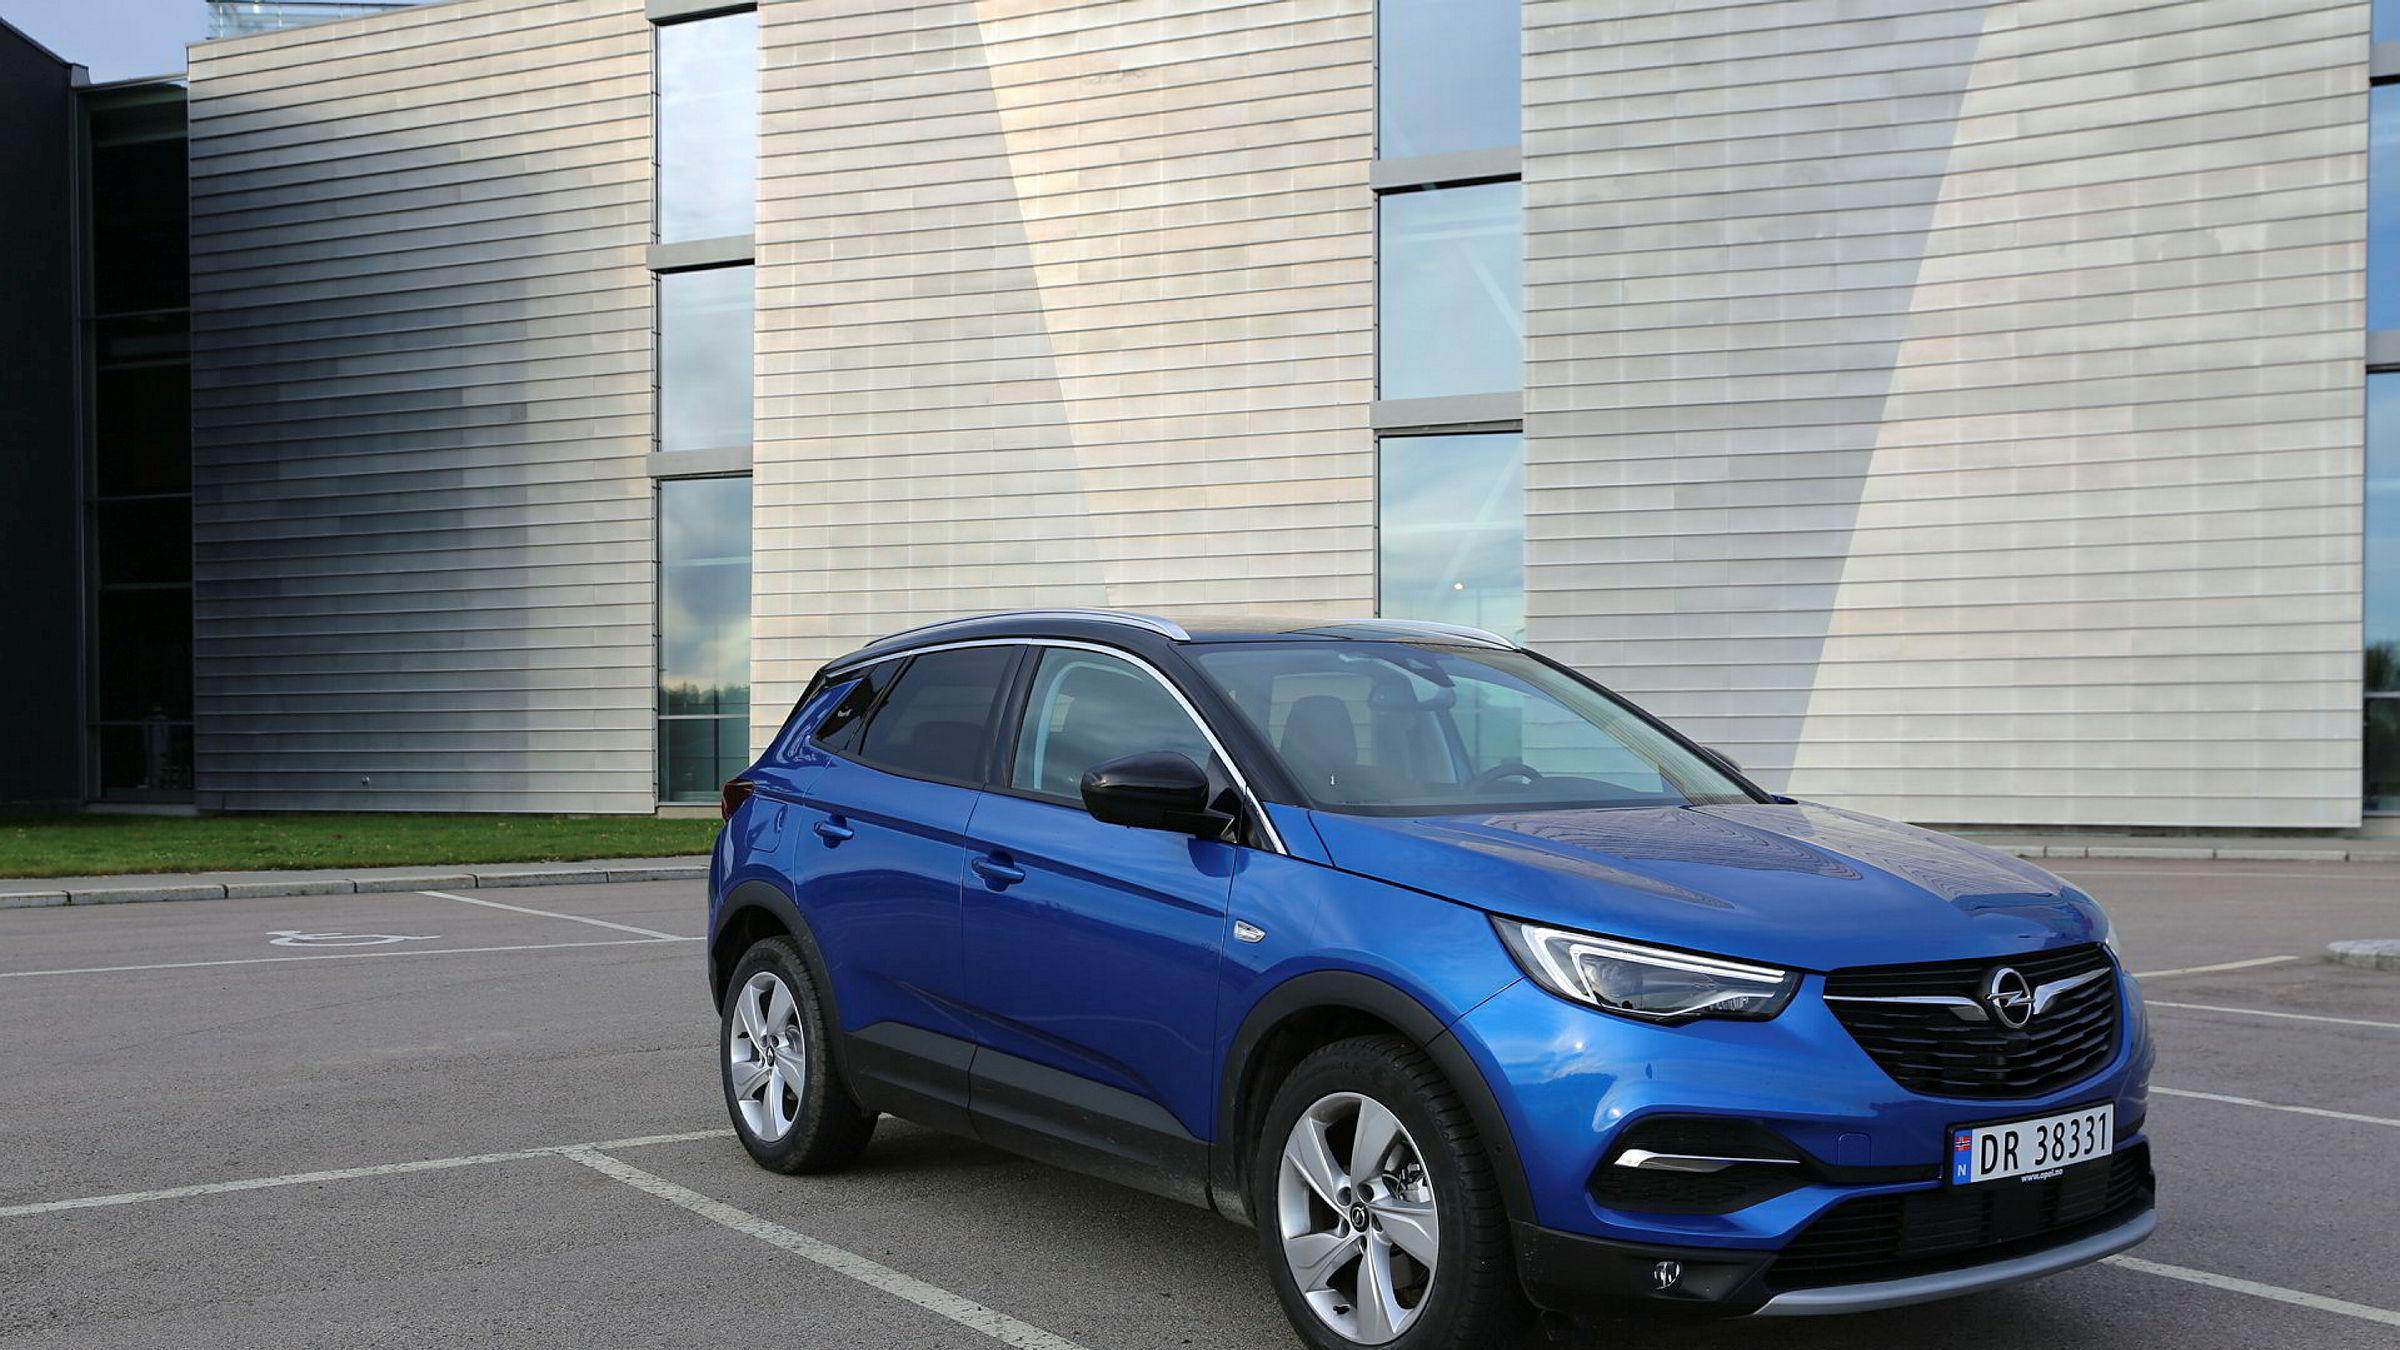 Opel Grandland har luket vekk det franske preget, og oppfattes som en genuint tysk bil.